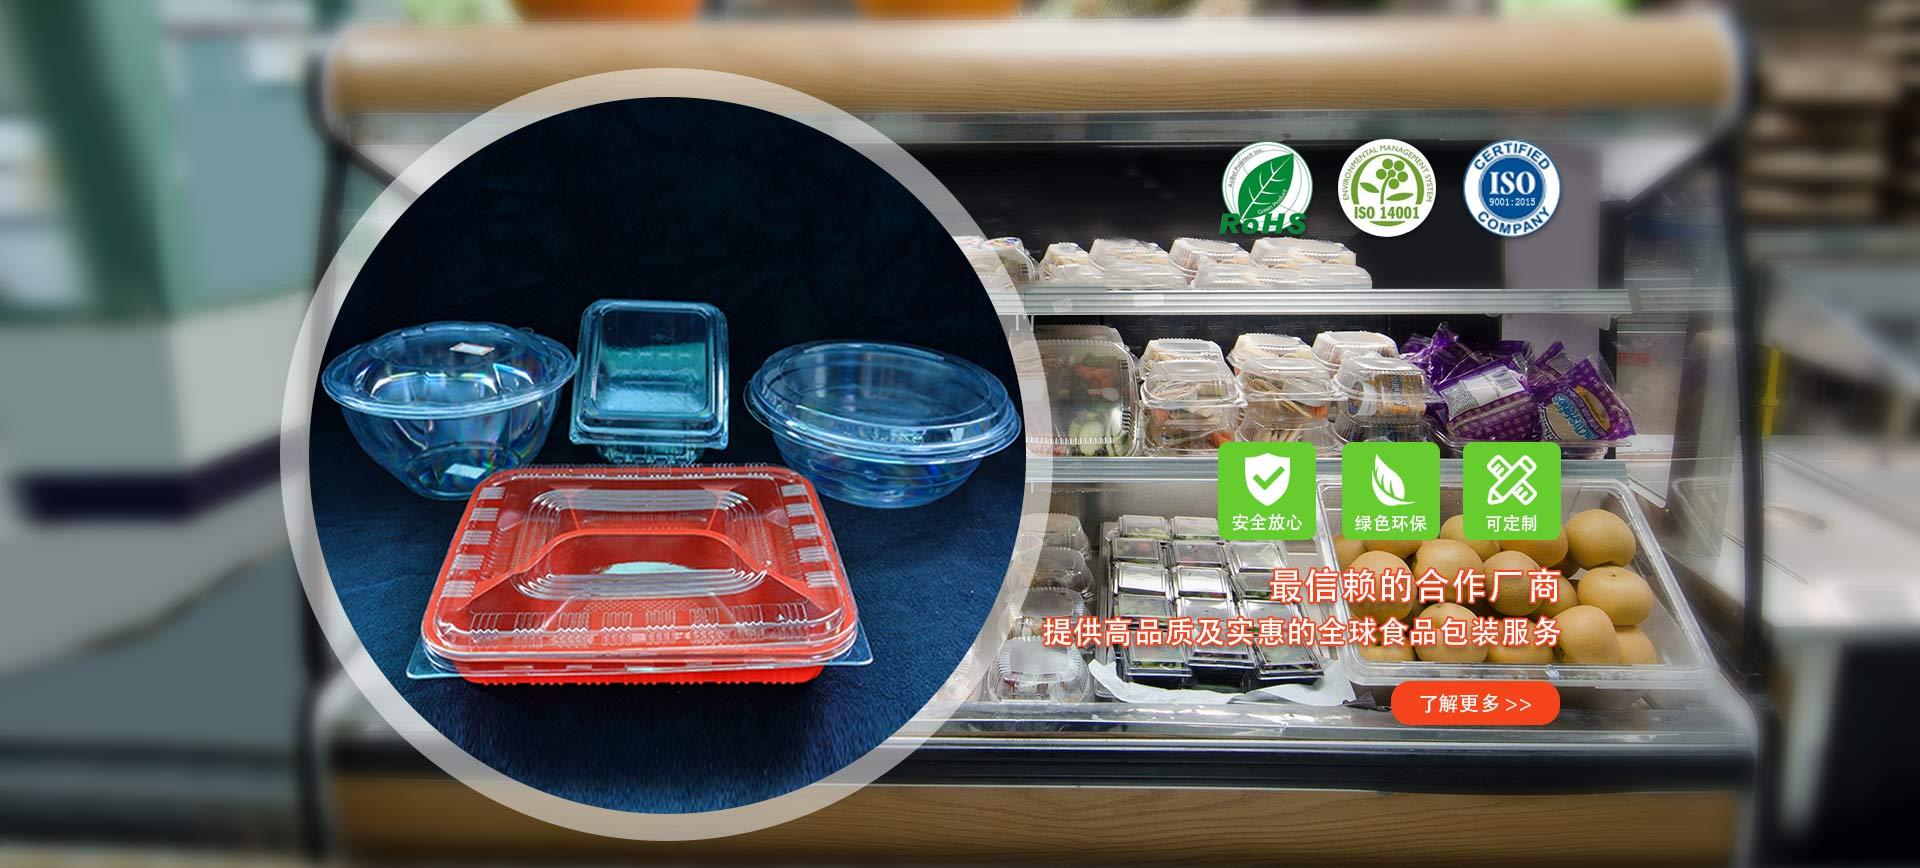 电子包装,食品类包装,保护膜,玩具类包装,五金类包装,模切类产品其他产品类